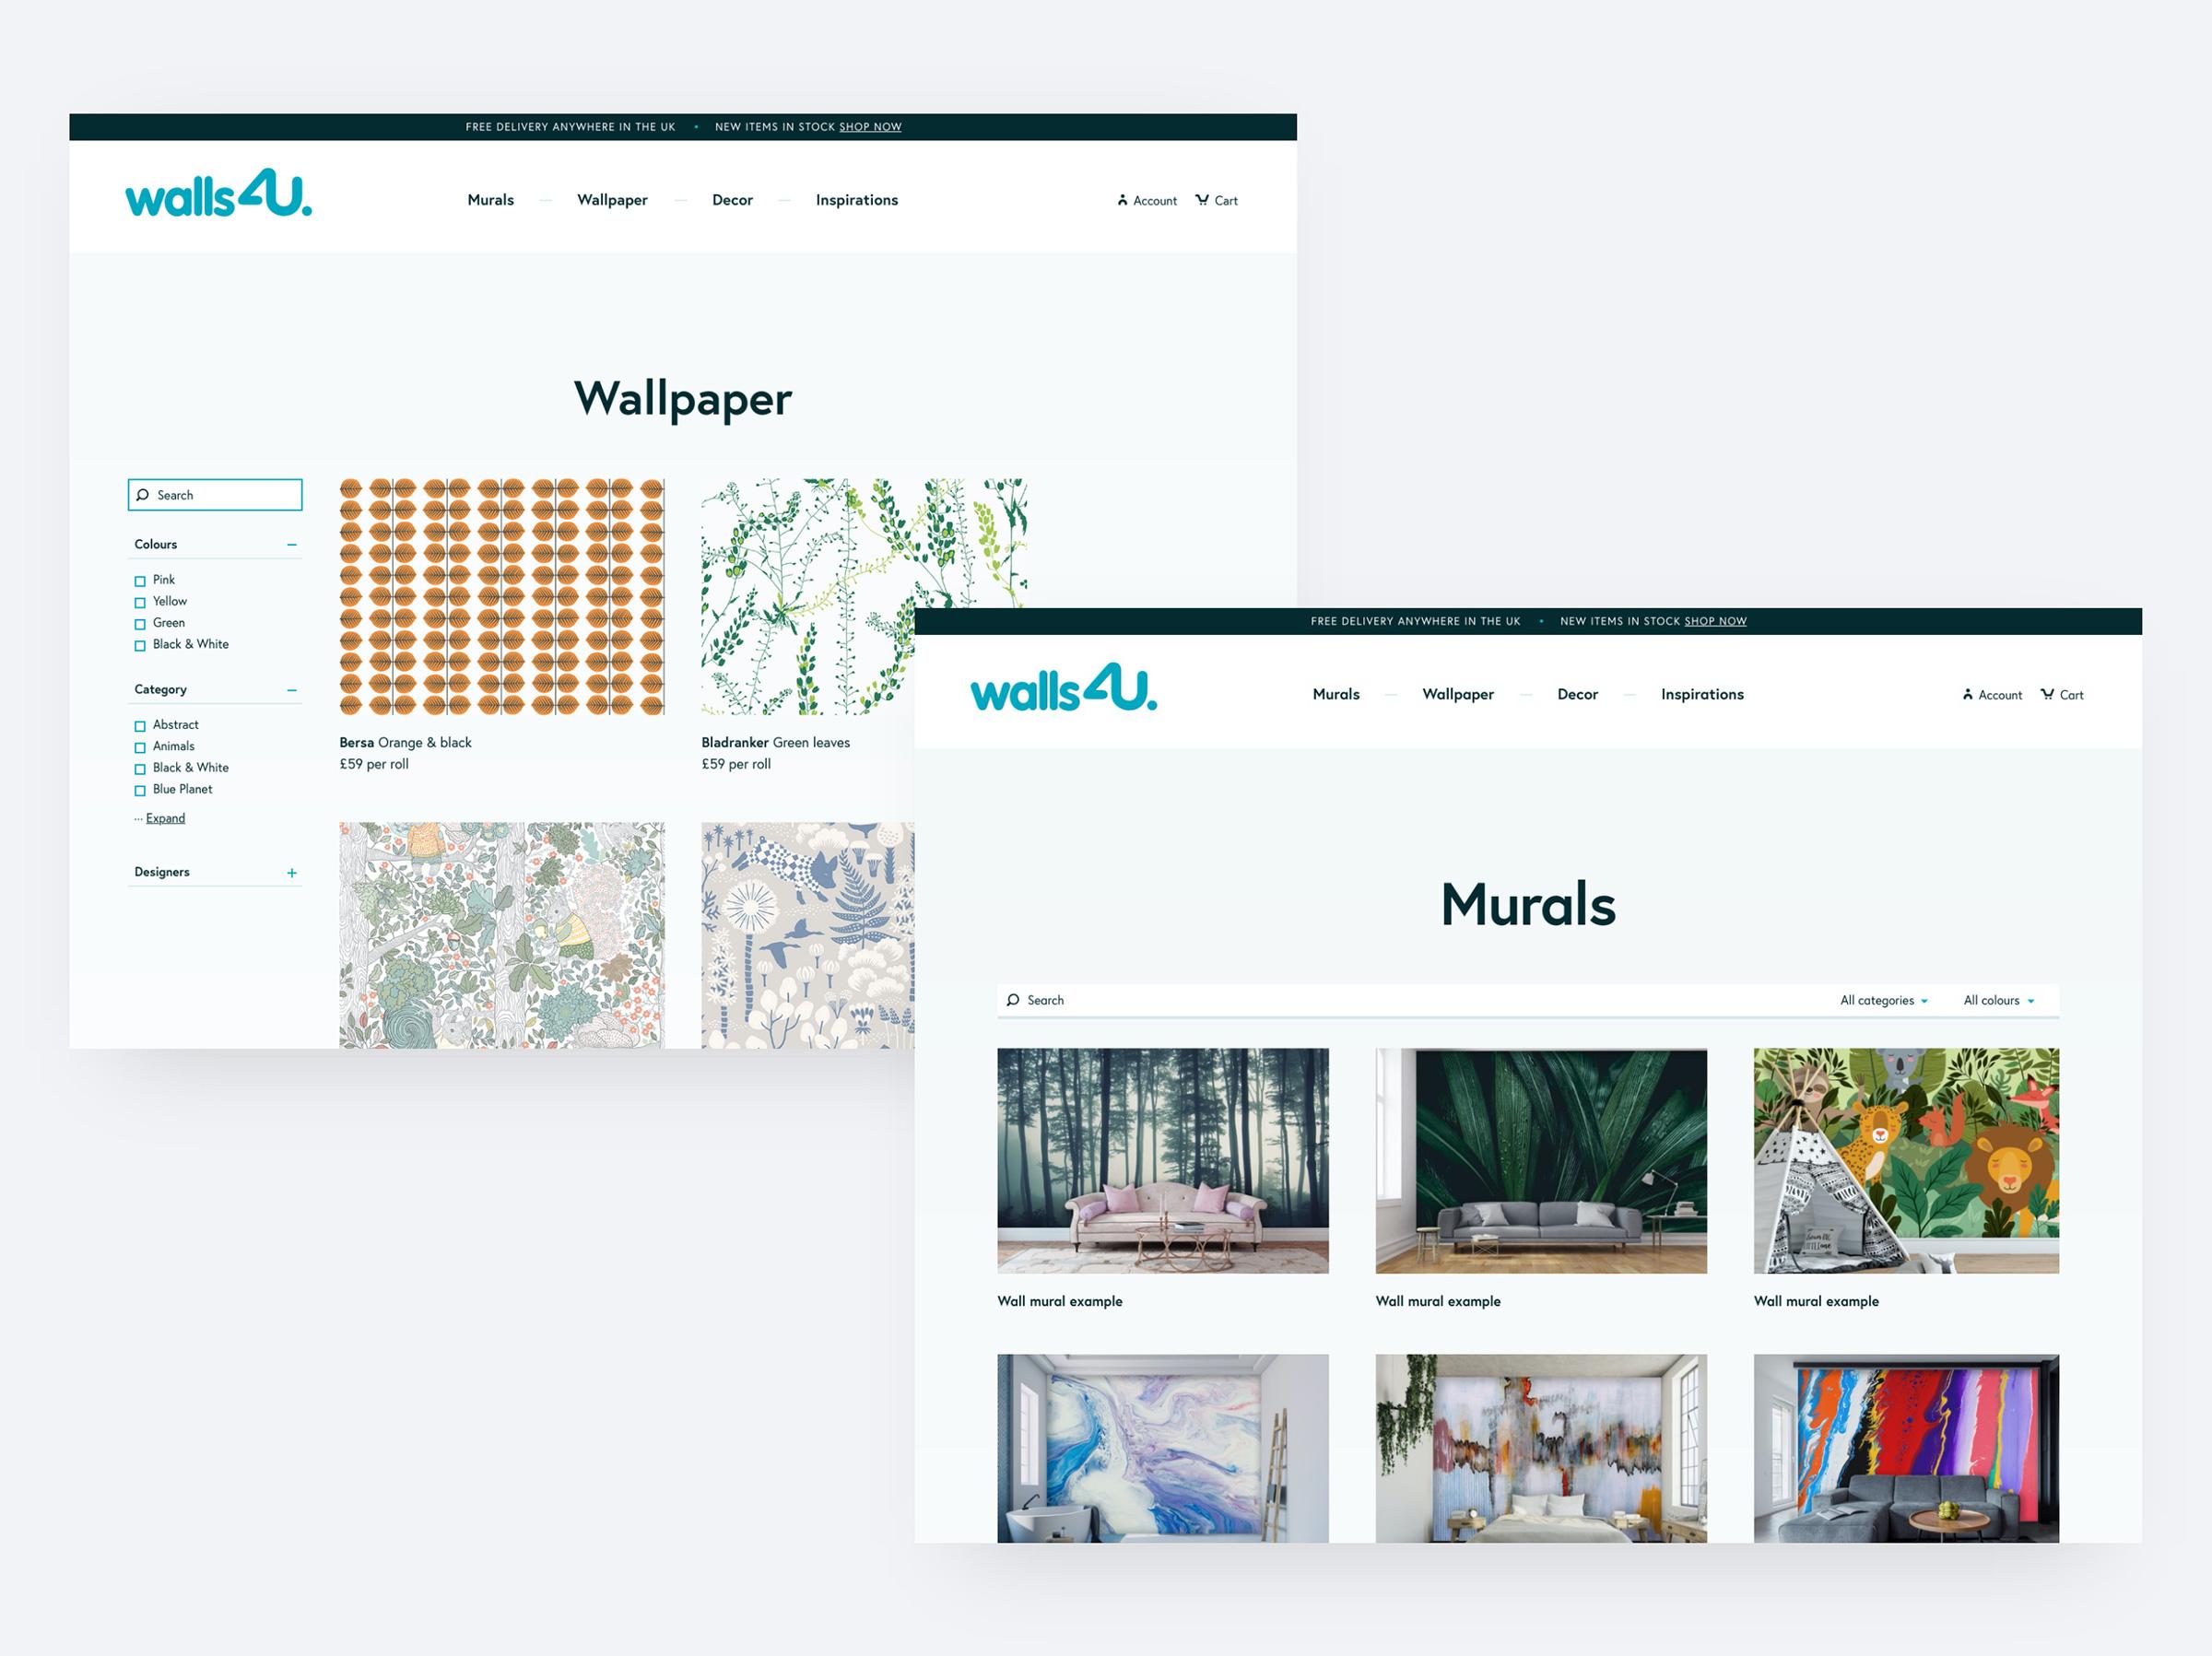 walls4u-product-explorations@2x